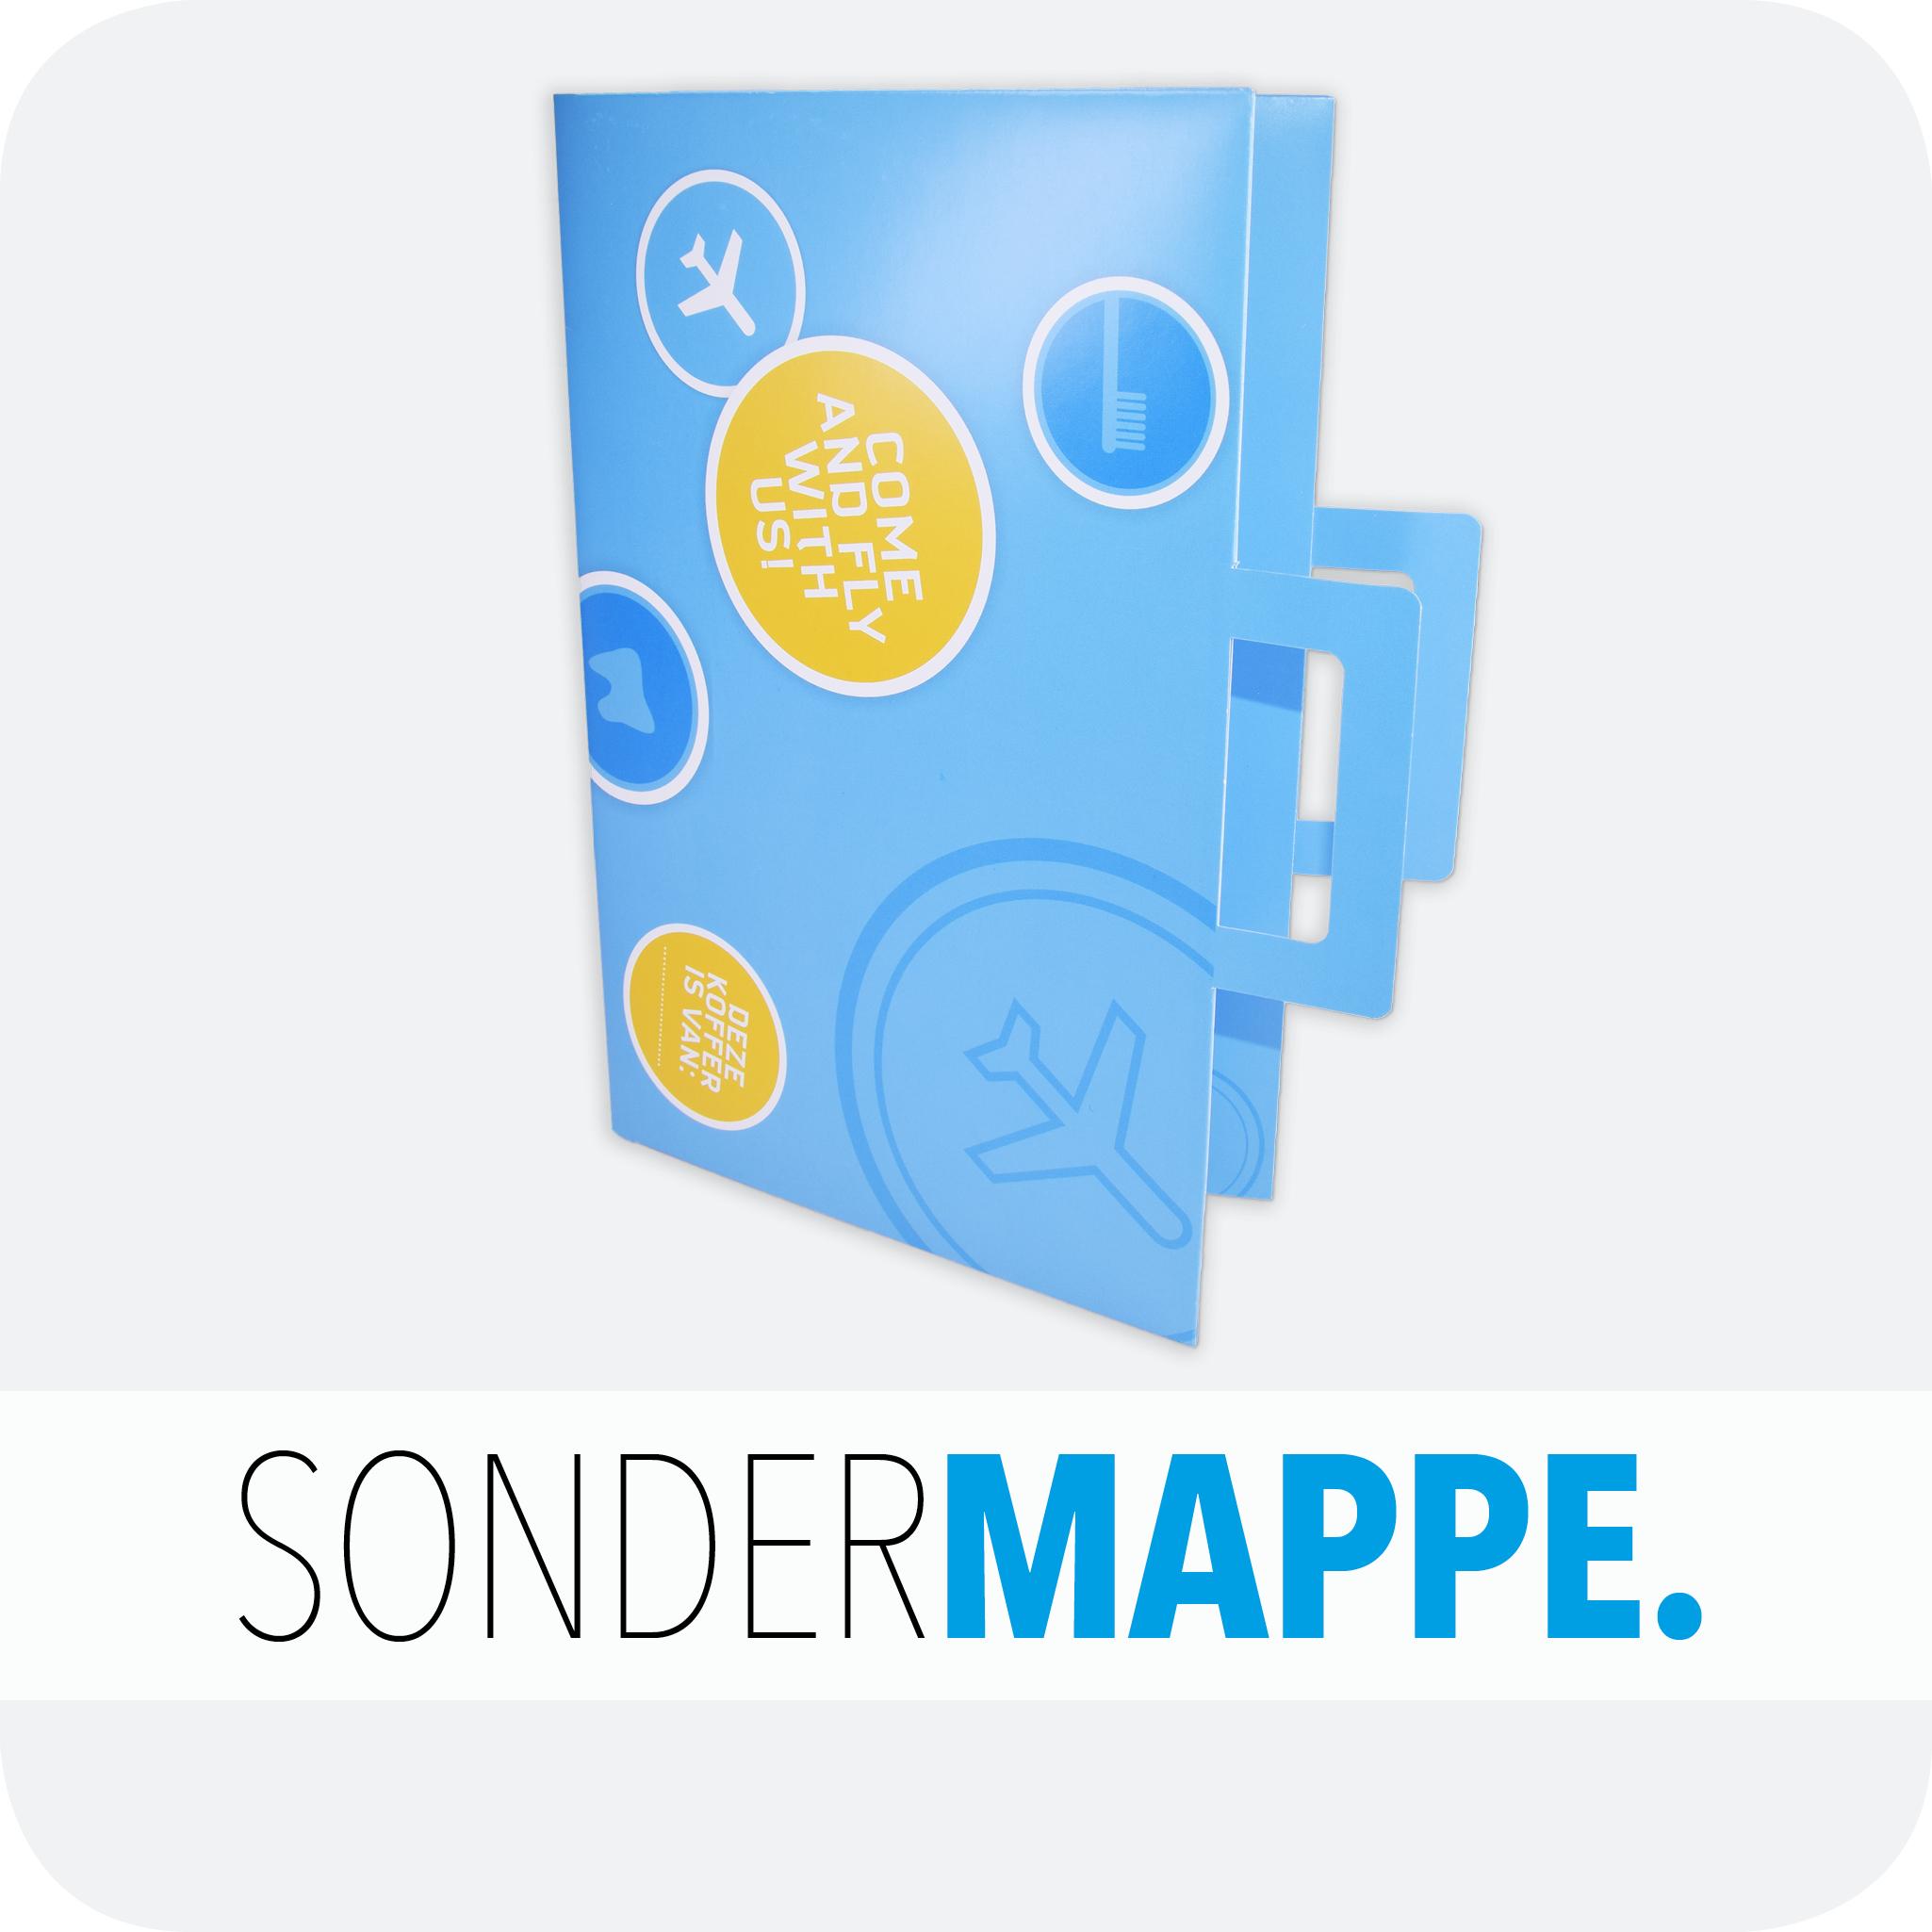 Sondermappe